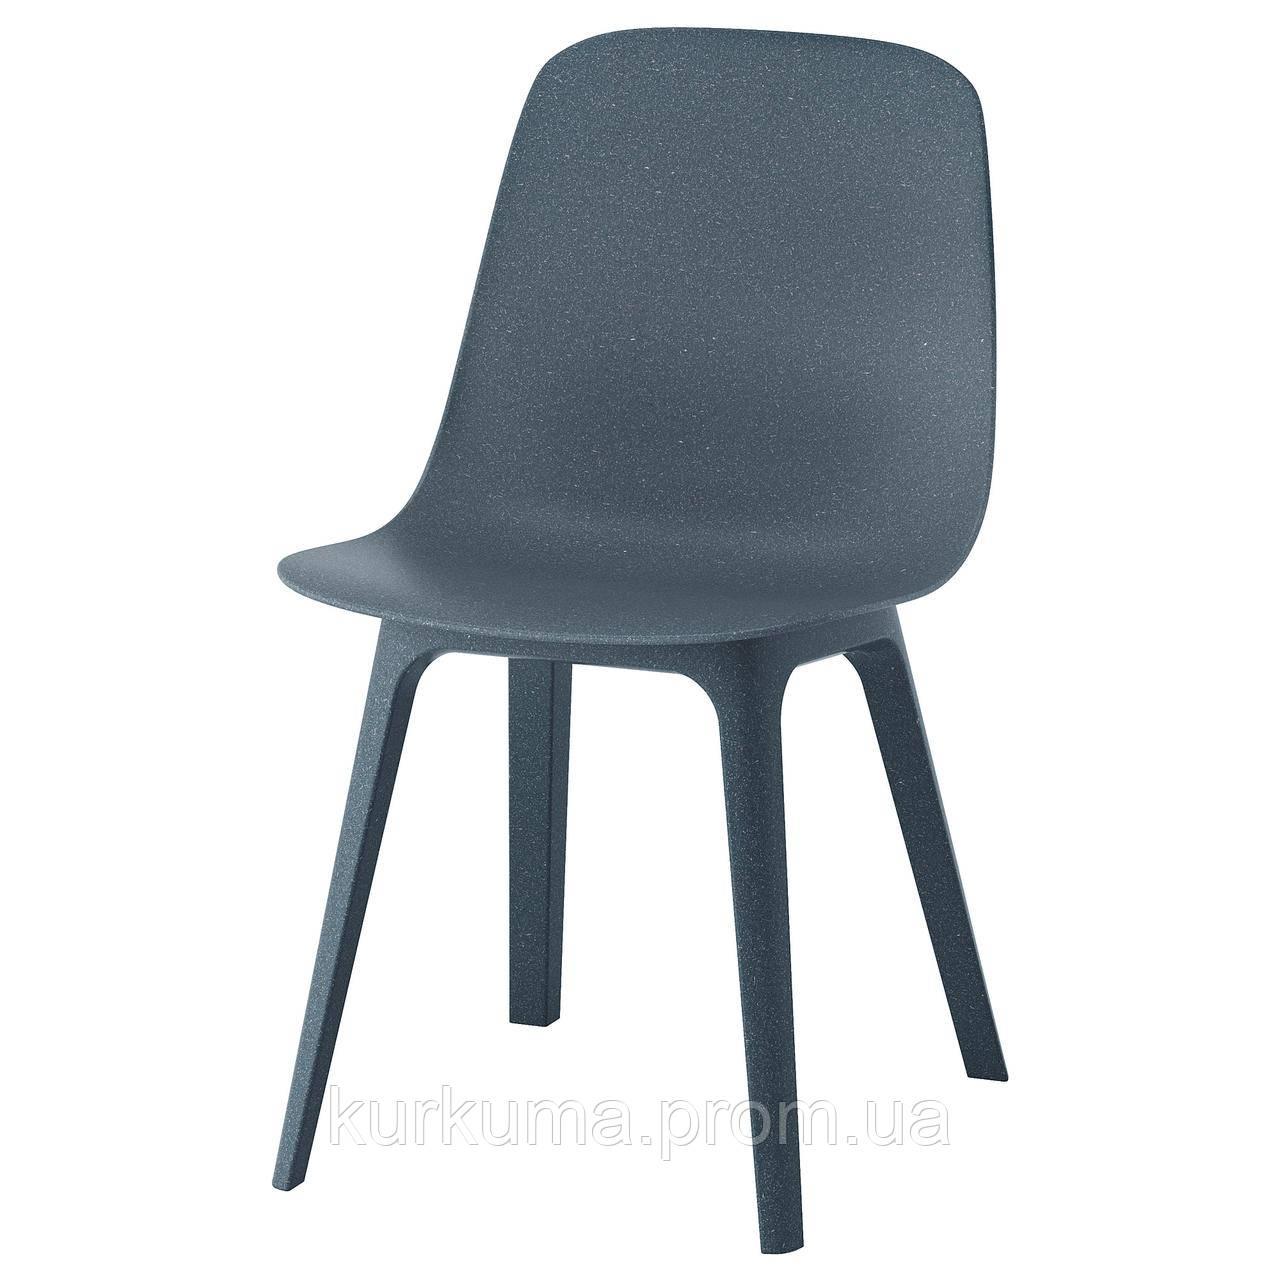 IKEA ODGER Стул, синий  (003.600.02)